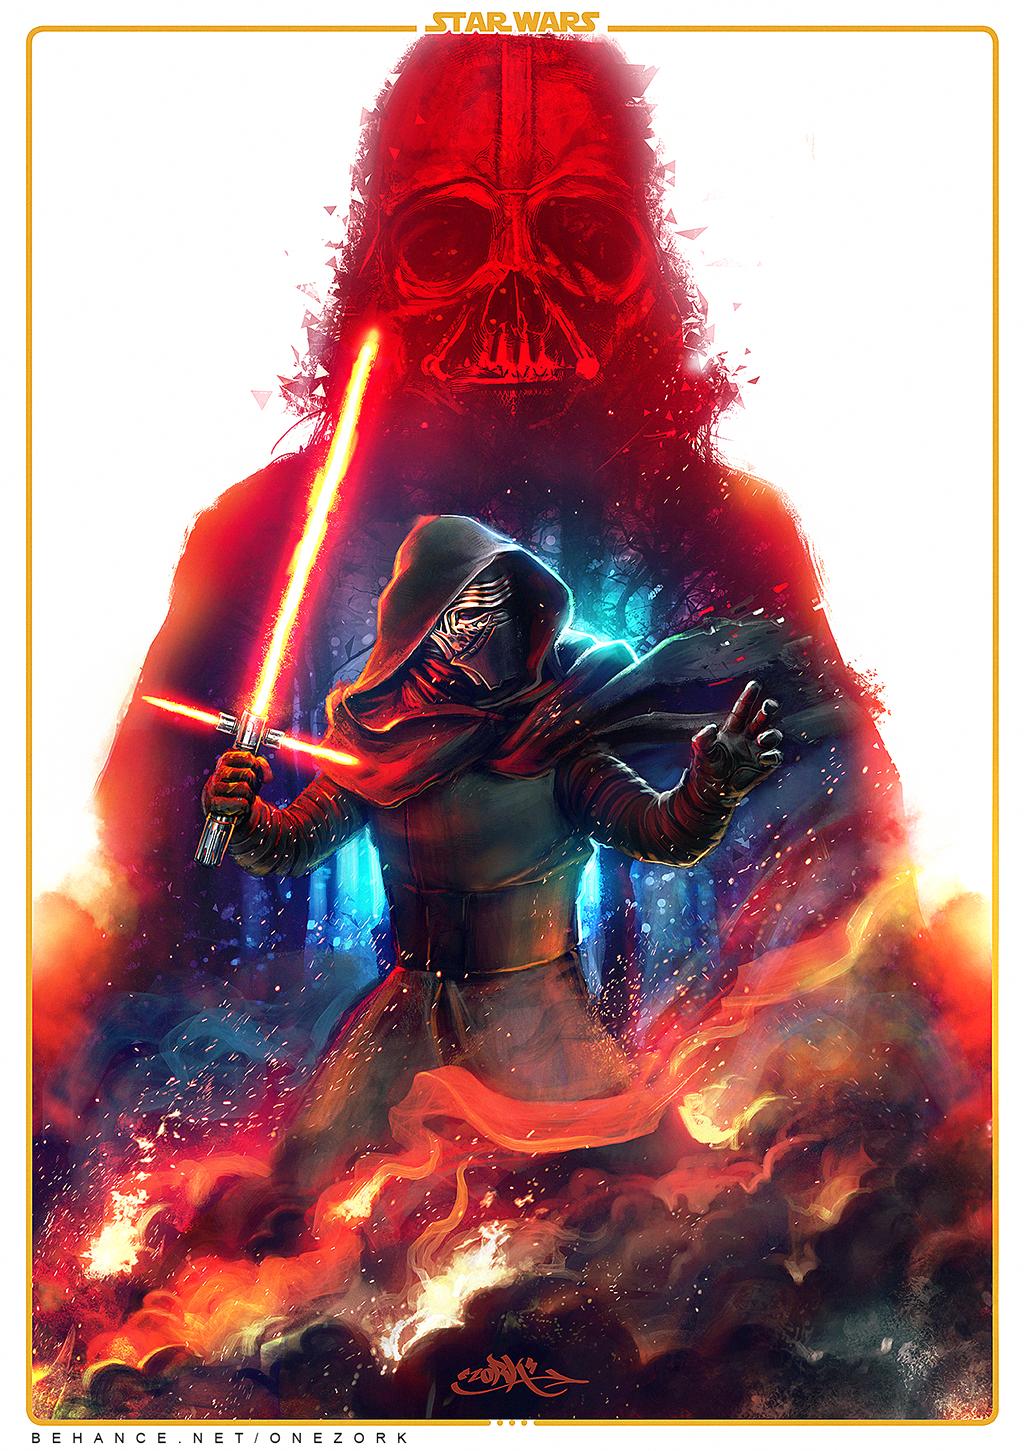 star wars star wars the force awakens kylo ren darth vader